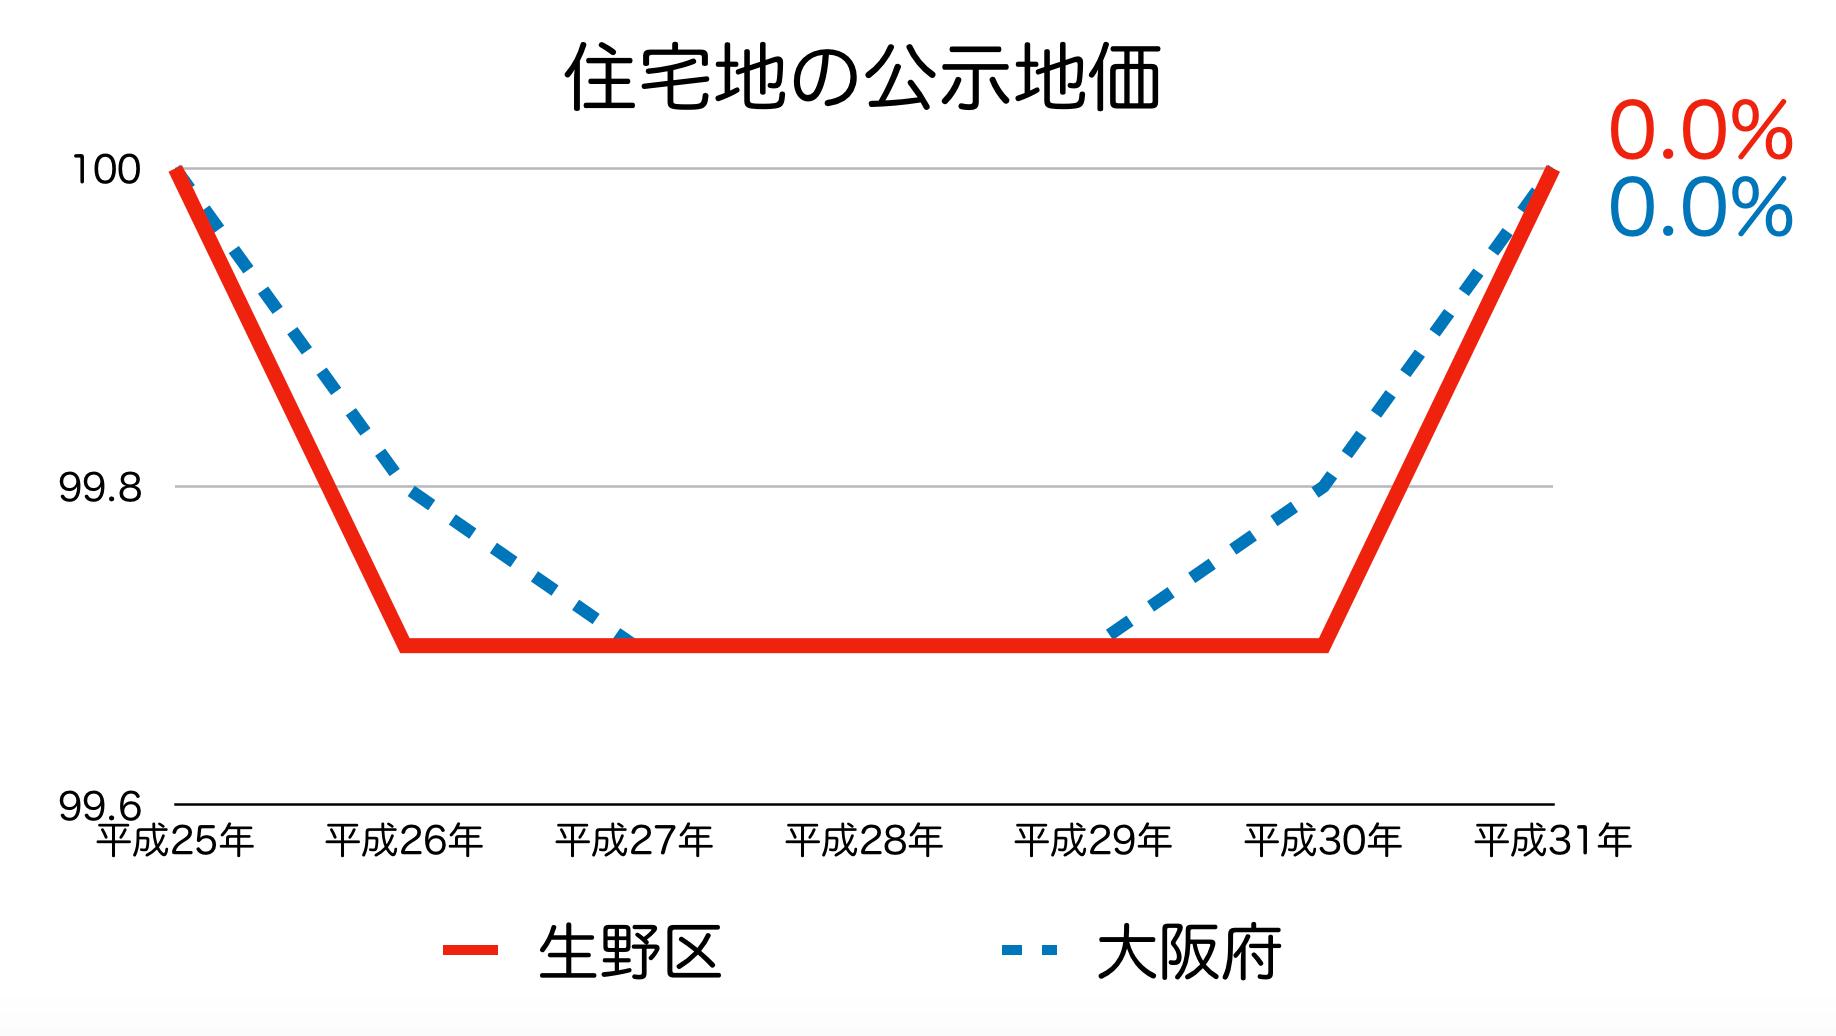 大阪市生野区の公示地価 H25-H31